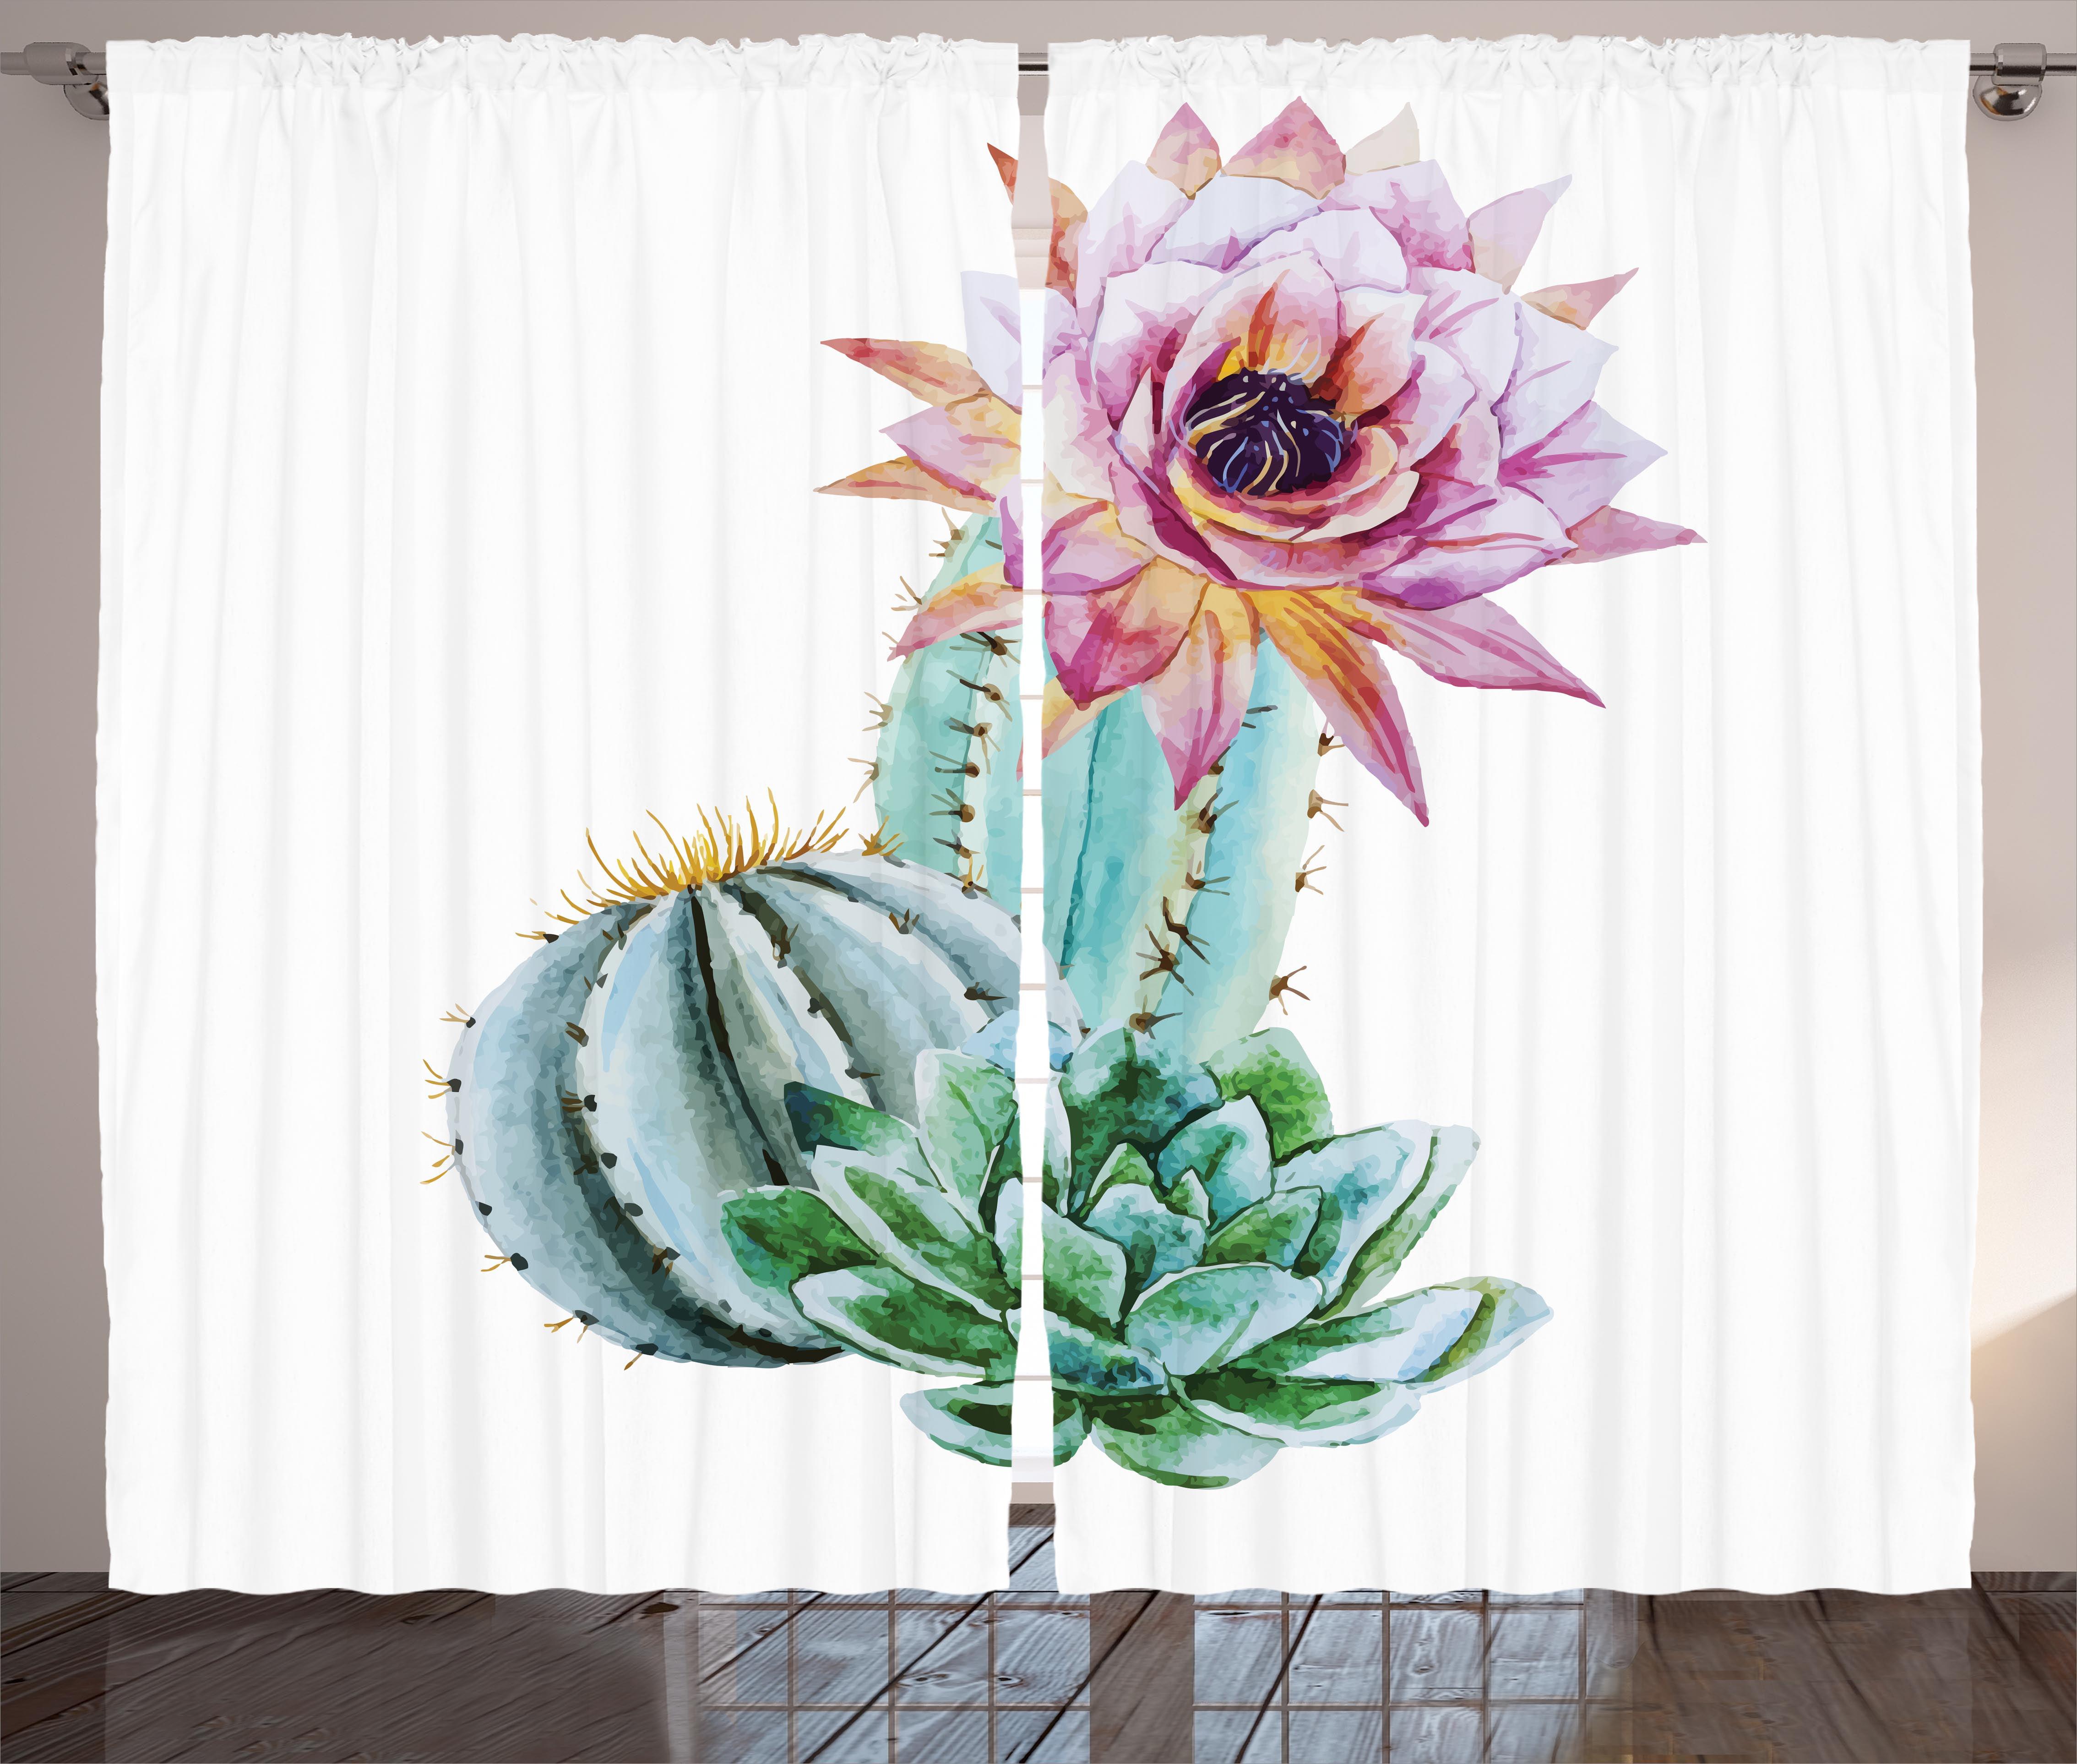 Cactus Decor Curtains 2 Panels Set, Cactus Spikes Flower